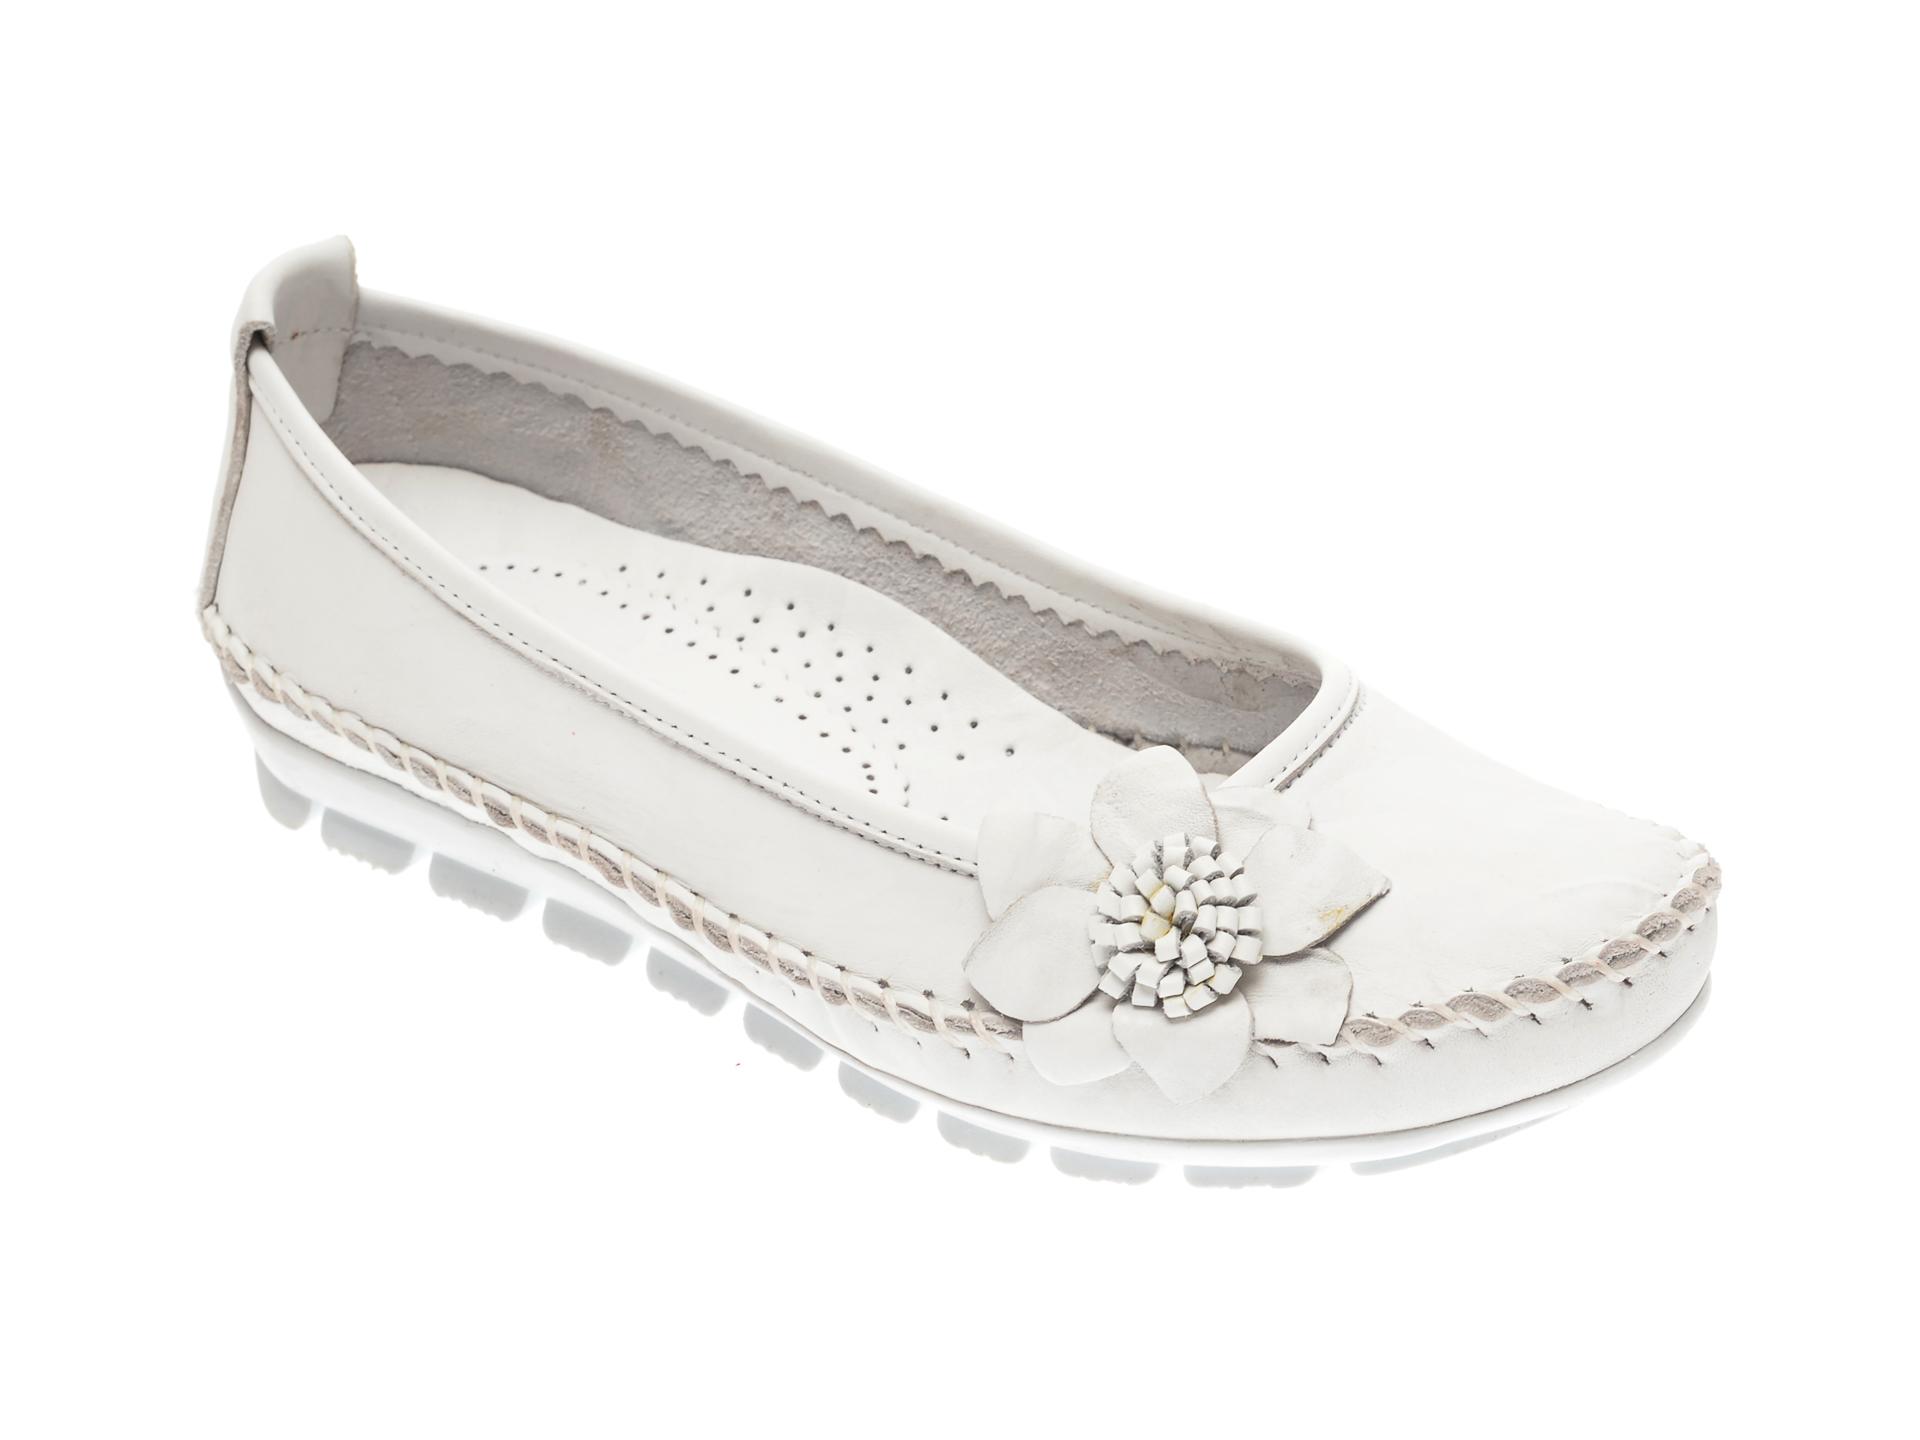 Pantofi MANLISA albi, 127, din piele naturala